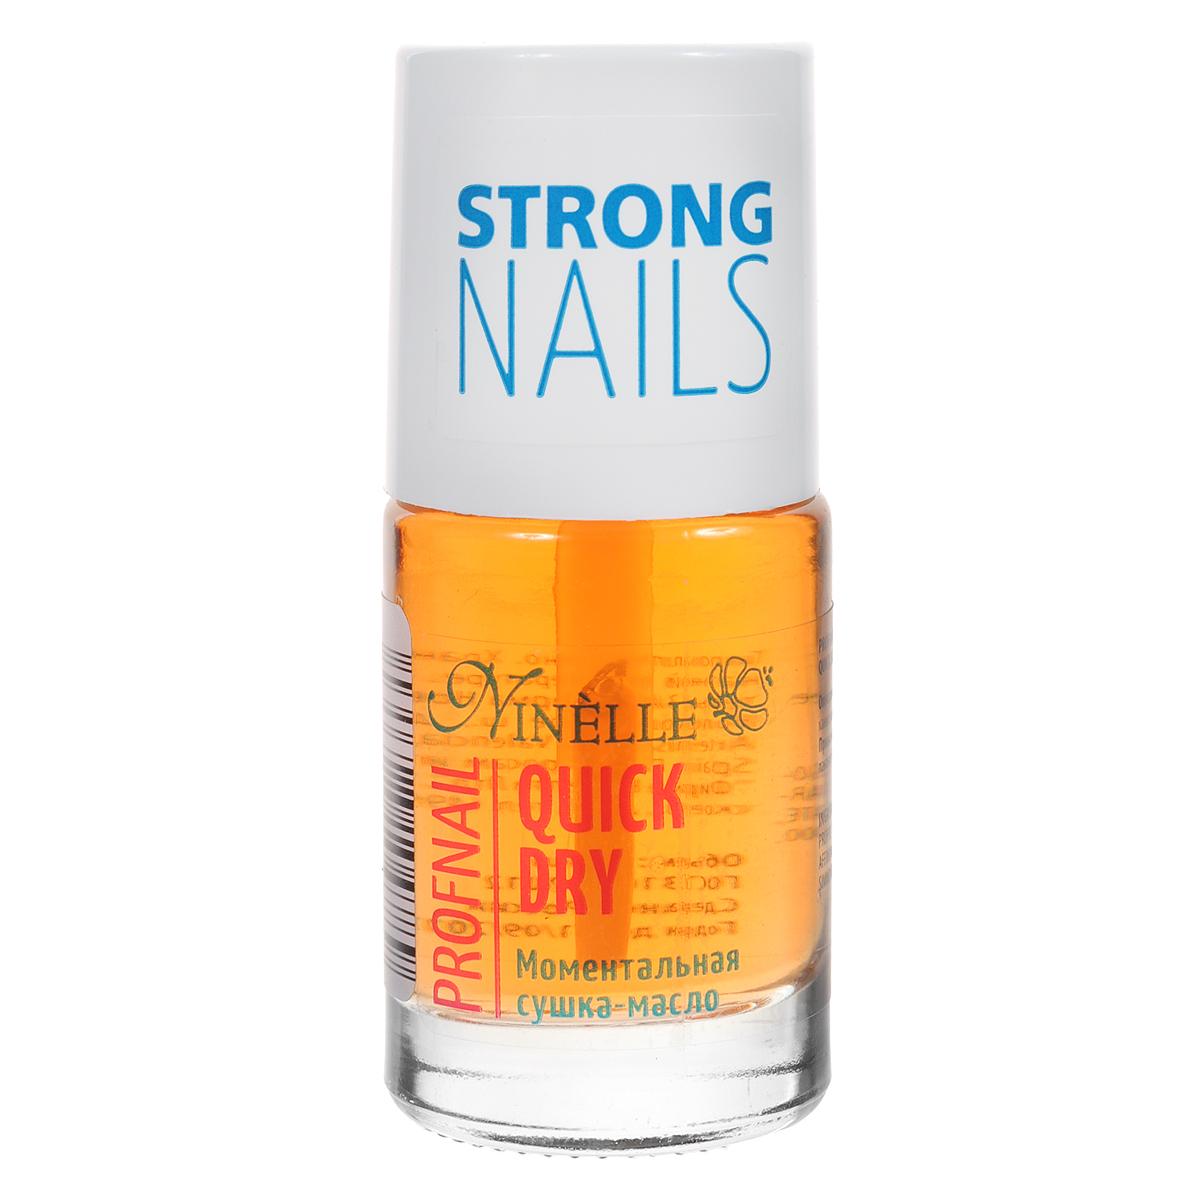 Ninelle Моментальная сушка-масло Quick Dry, 11 мл1301210Жидкое масло с эффектом быстрой сушки моментально сушит свежий маникюр, предотвращая потрескивание и смазывание лака. Антиоксиданты, богатые маслами и витаминами, обеспечивают дополнительную защиту и уход, масло жожожба обеспечивает глубокое увлажнение и питание кутикулы. Товар сертифицирован.